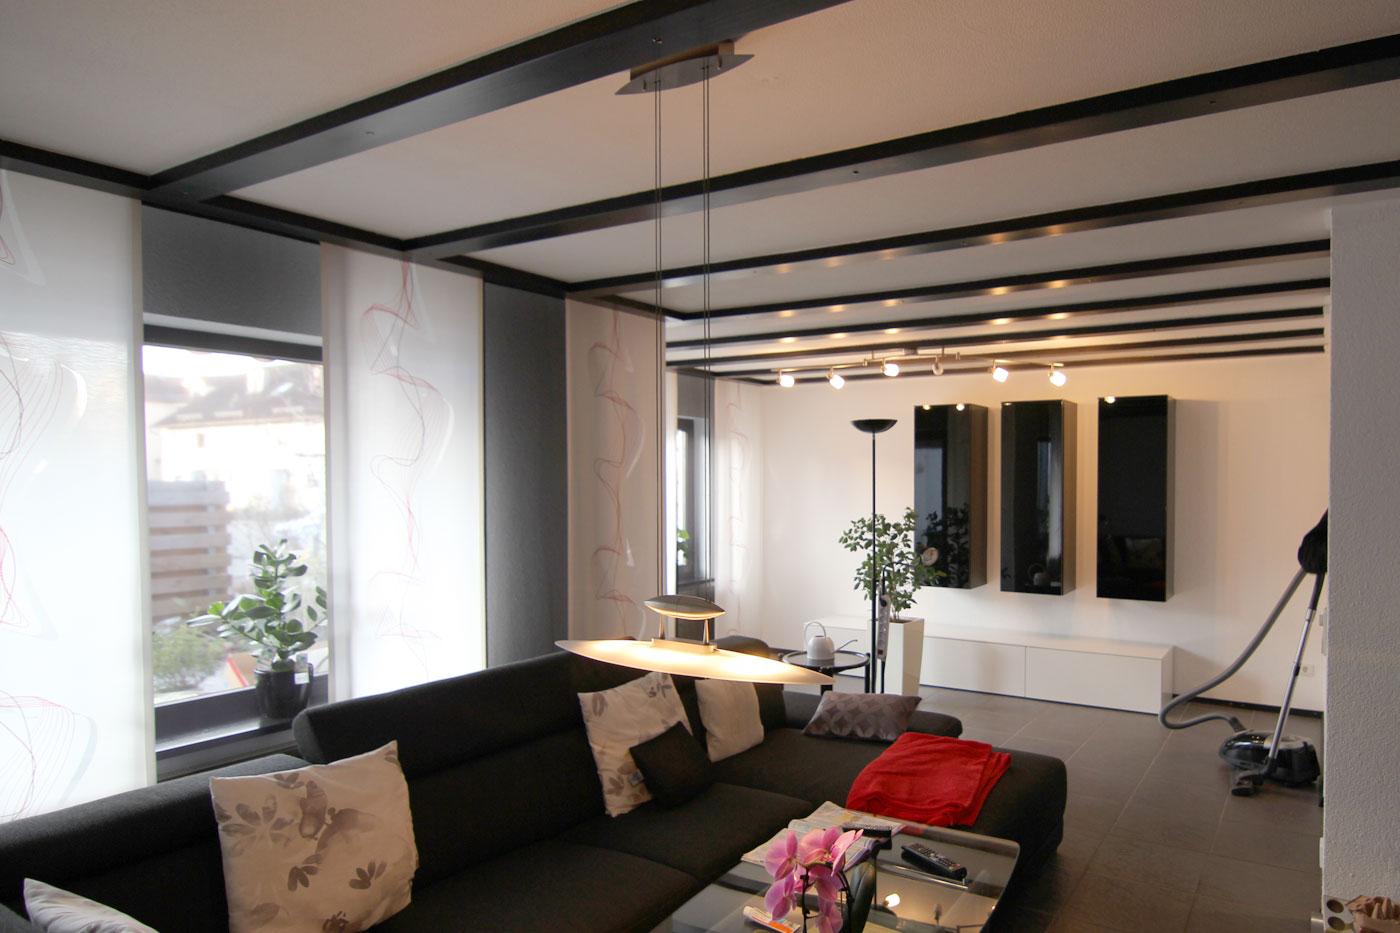 spanndecke im wohnzimmer talheim spanndeckenstudio teller in talheim bei heilbronn. Black Bedroom Furniture Sets. Home Design Ideas